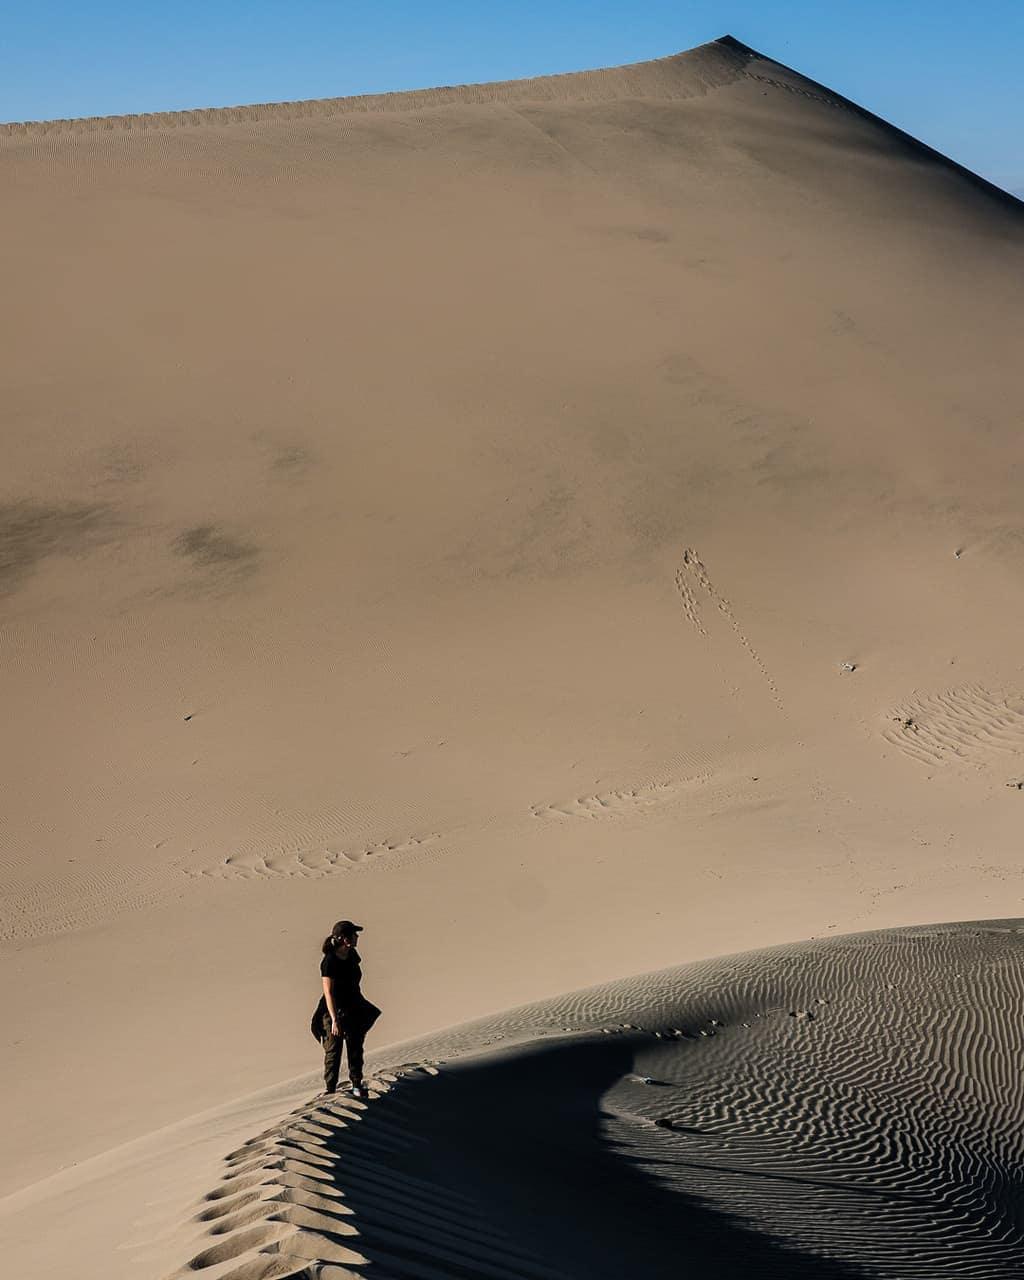 Sand dunes outside of Huacachina, Peru